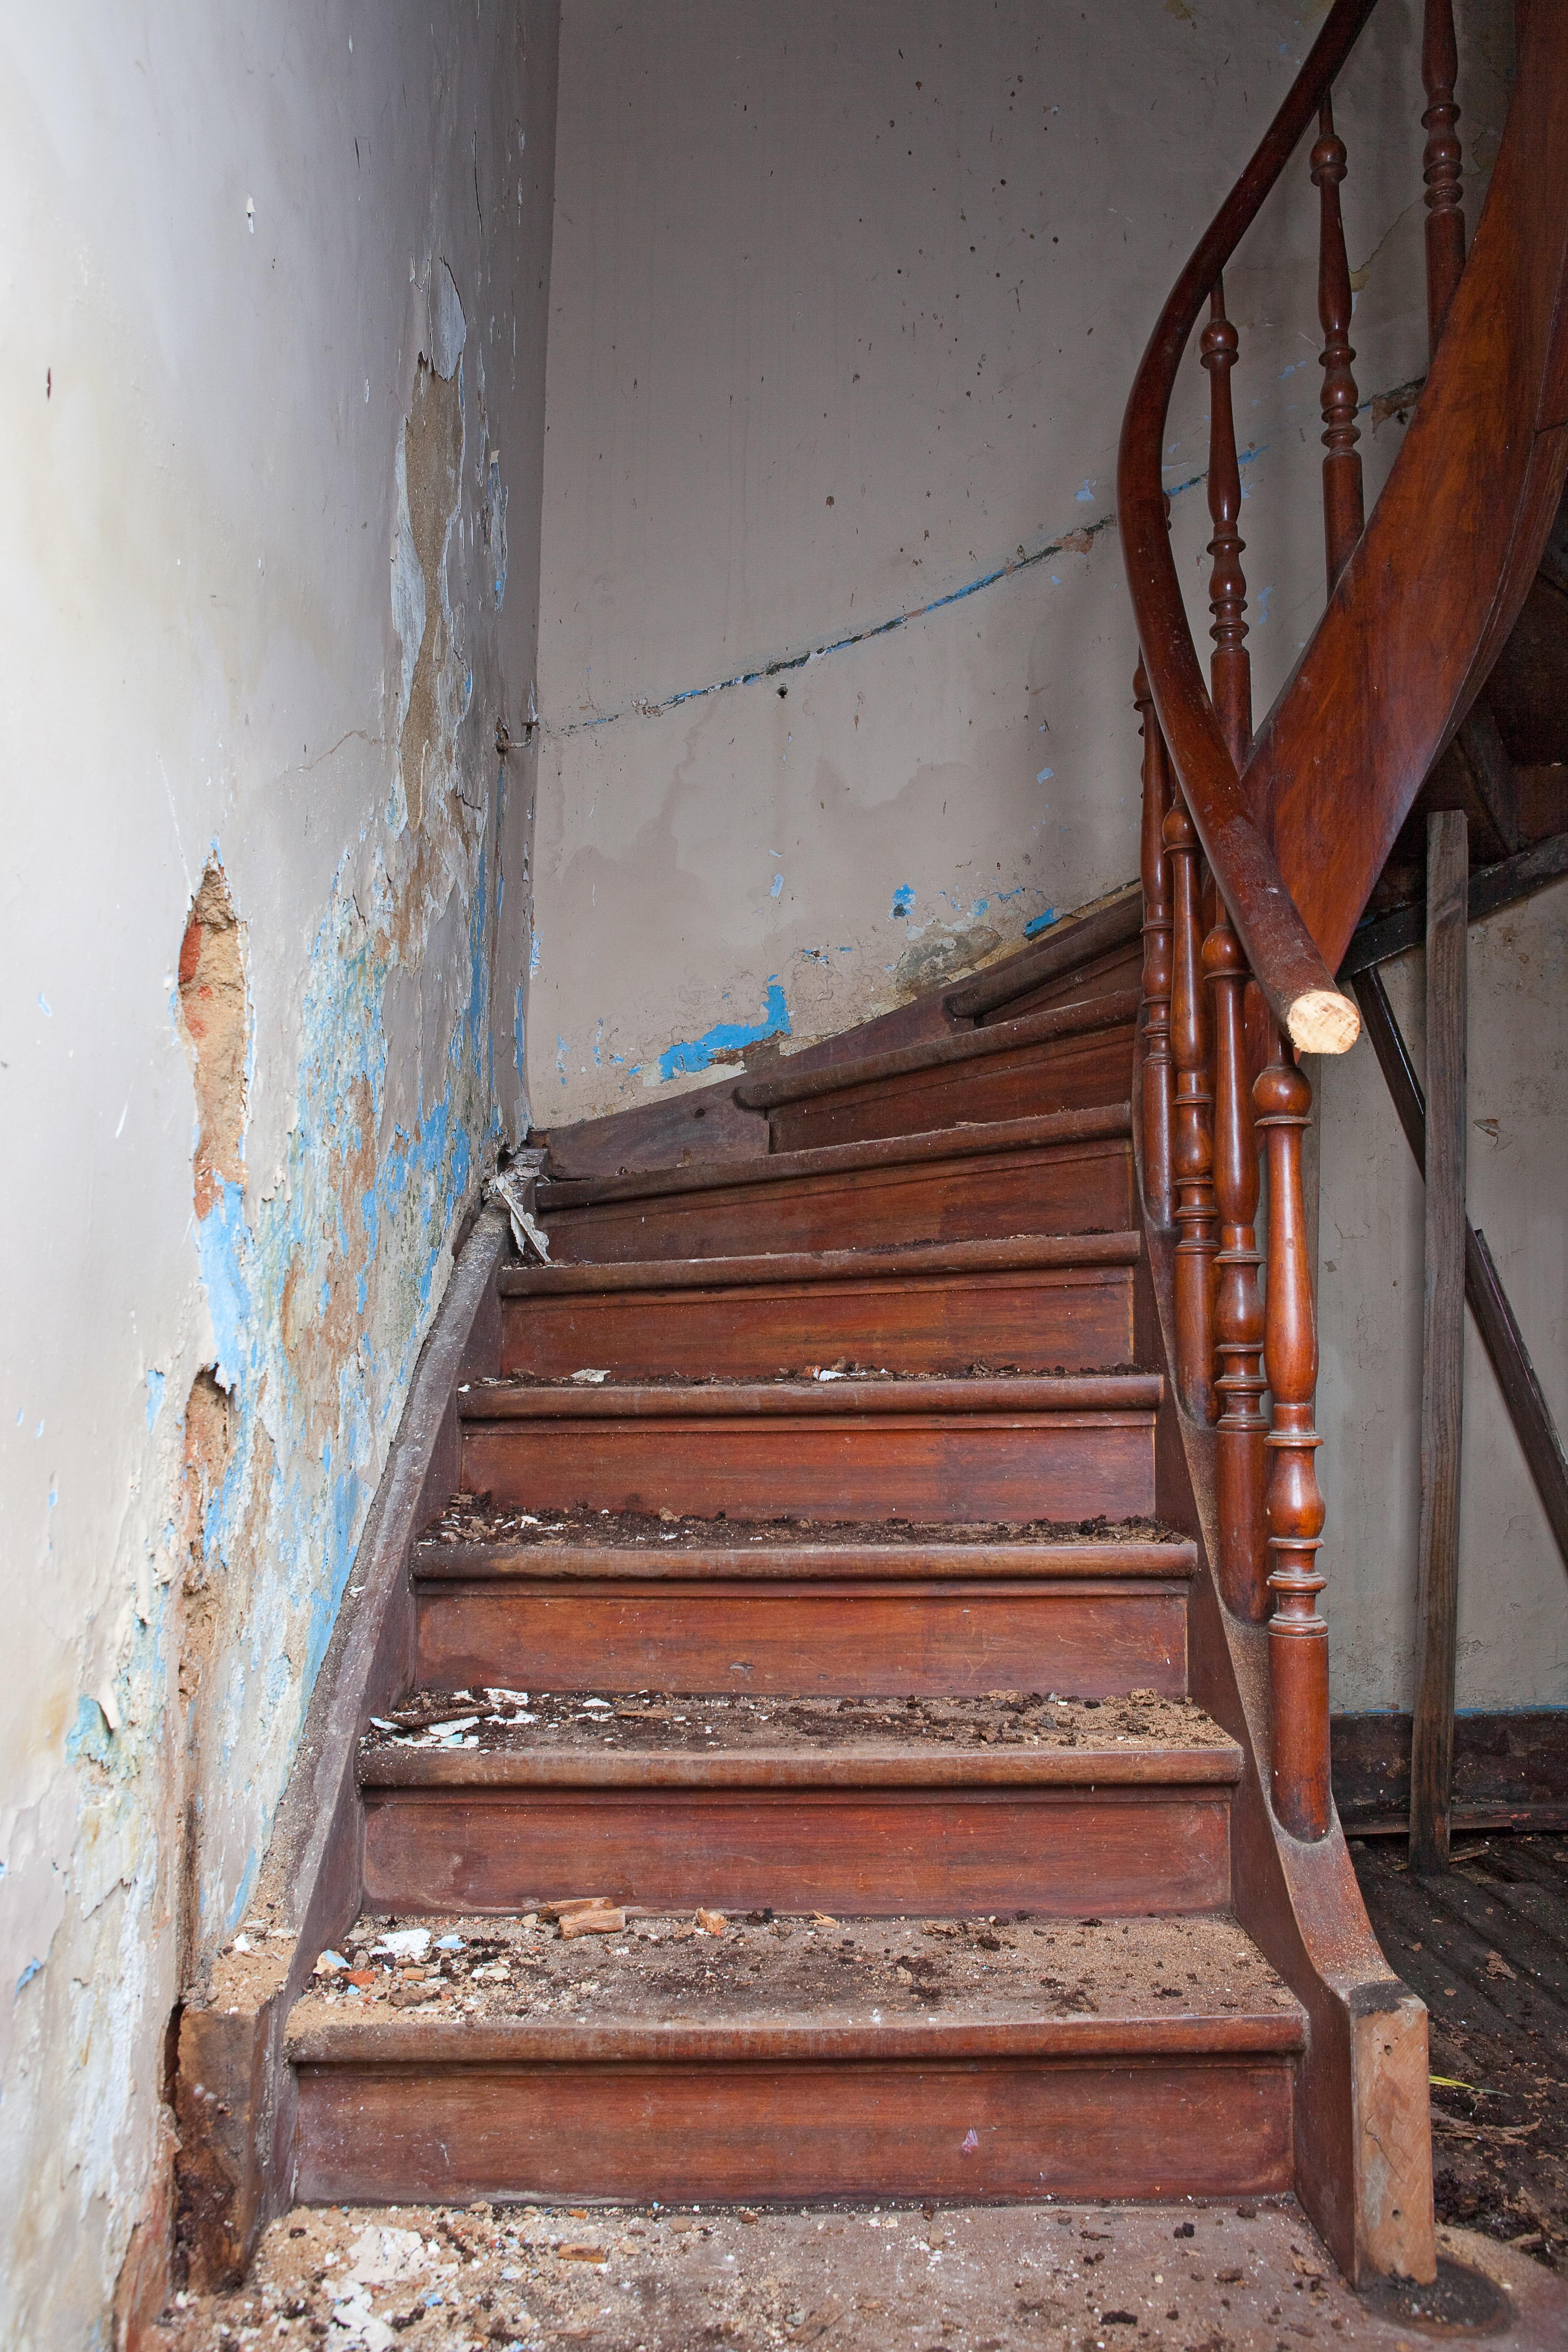 Escalier Dans Maison Ancienne images gratuites : bois, sol, mur, pas, faisceau, se ruiner